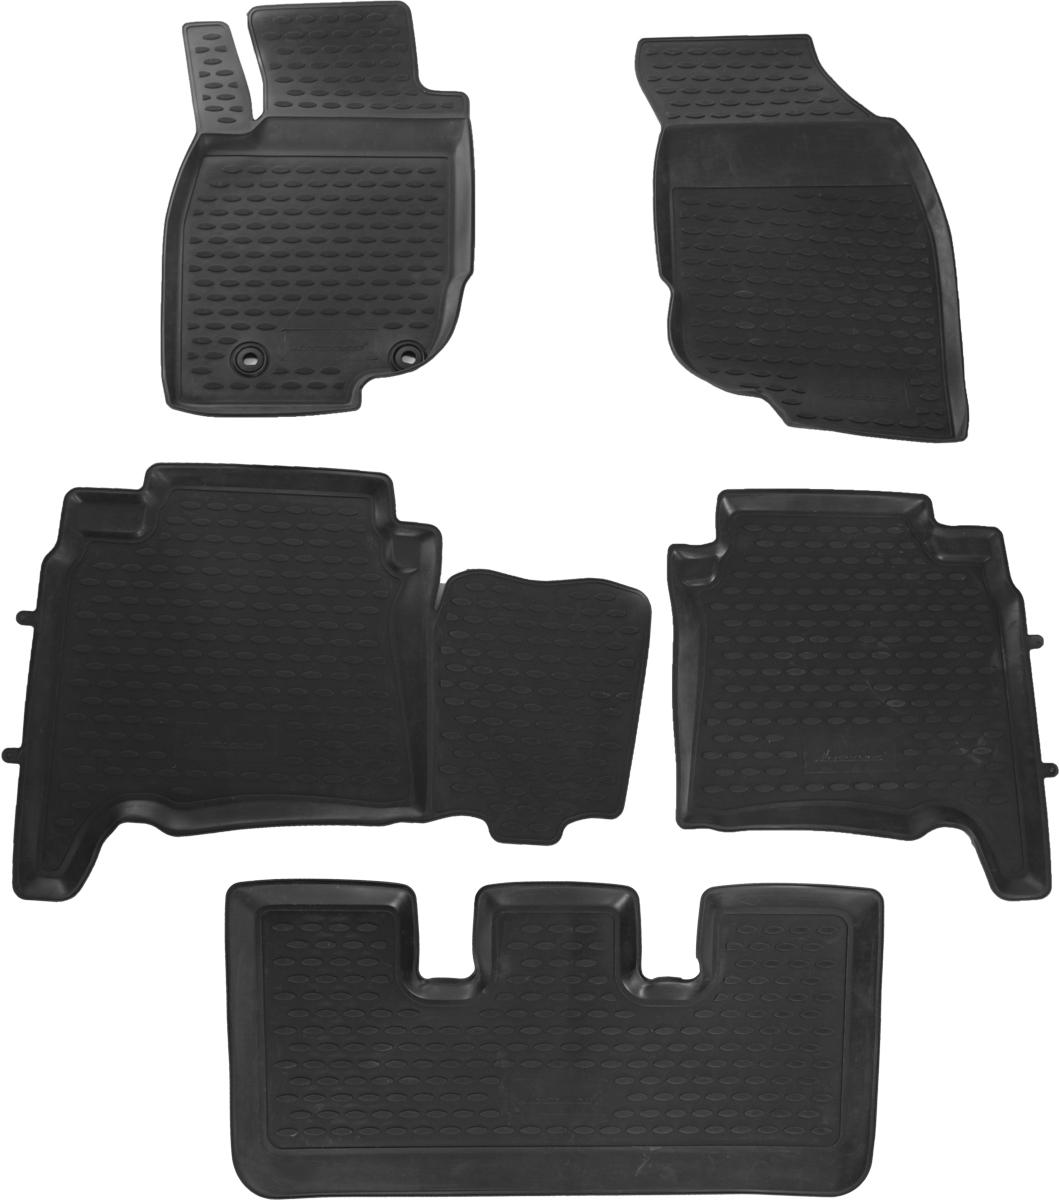 Набор автомобильных ковриков Novline-Autofamily для Toyota Fortuner 01/2013-, левый руль, в салон, 5 шт15704002Набор автомобильных ковриков Novline-Autofamily, изготовленный из полиуретана, состоит из 5 ковриков, которые учитывают все особенности каждой модели автомобиля и полностью повторяют контуры пола. Полиуретановые автомобильные коврики для салона произведены из высококачественного материала, который держит форму, прочный и не пачкает обувь. Коврики в салон не только улучшат внешний вид салона вашего автомобиля, но и надежно уберегут его от пыли, грязи и сырости, а значит, защитят кузов от коррозии. Полиуретановые коврики для автомобиля гладкие, приятные и не пропускают влагу. Ковры для автомобилей надежно крепятся на полу и не скользят, что очень важно во время движения. Чистятся коврики очень просто: как при помощи автомобильного пылесоса, так и различными моющими средствами. Набор подходит для Toyota Fortuner с января 2013 года выпуска.